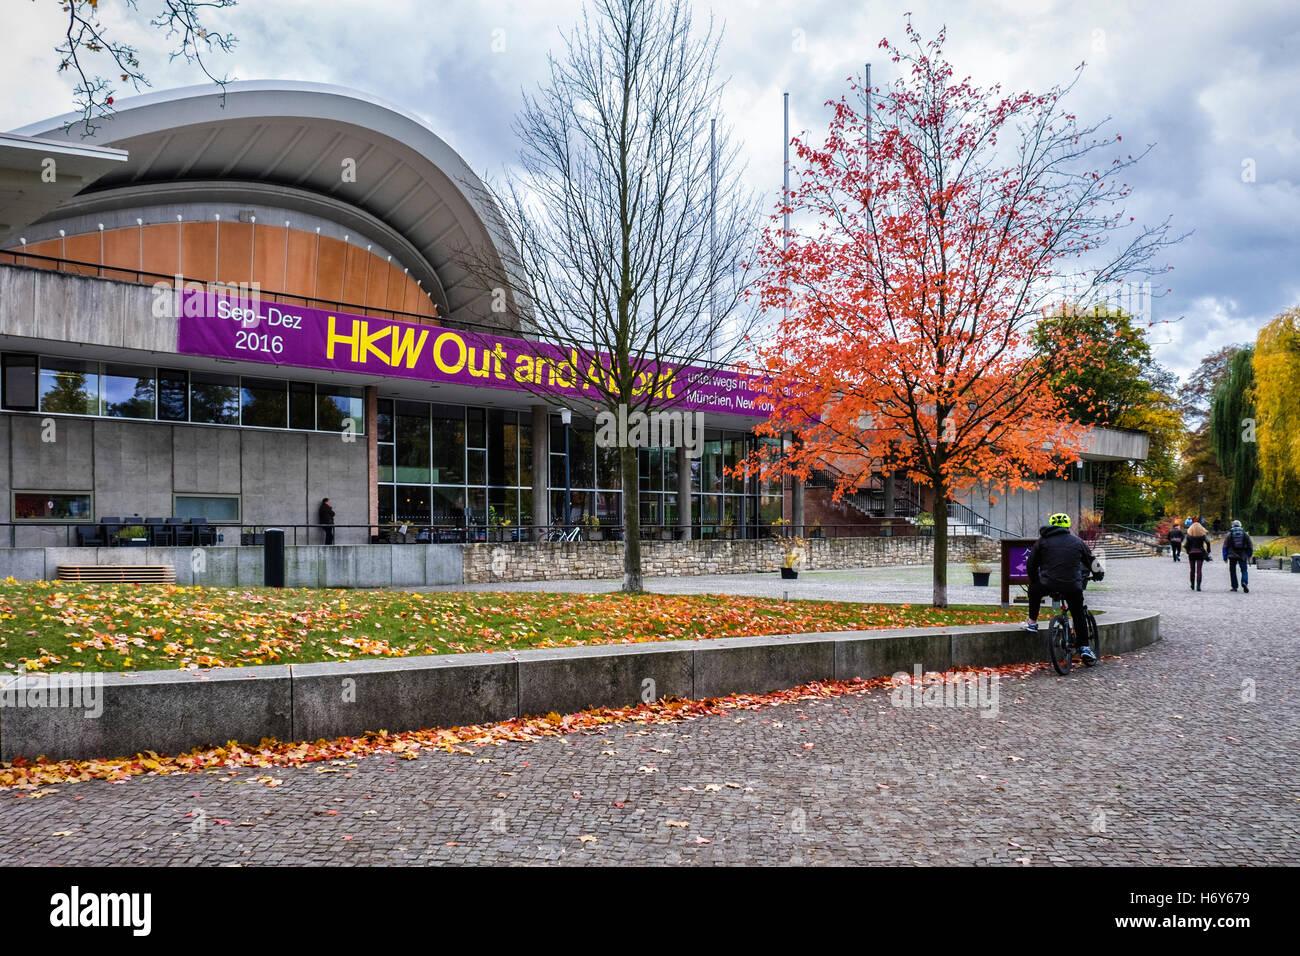 HKW, Haus der Kulturen der Welt, la Casa de las Culturas del Mundo, Palacio de Congresos y recinto cultural en otoño, Imagen De Stock